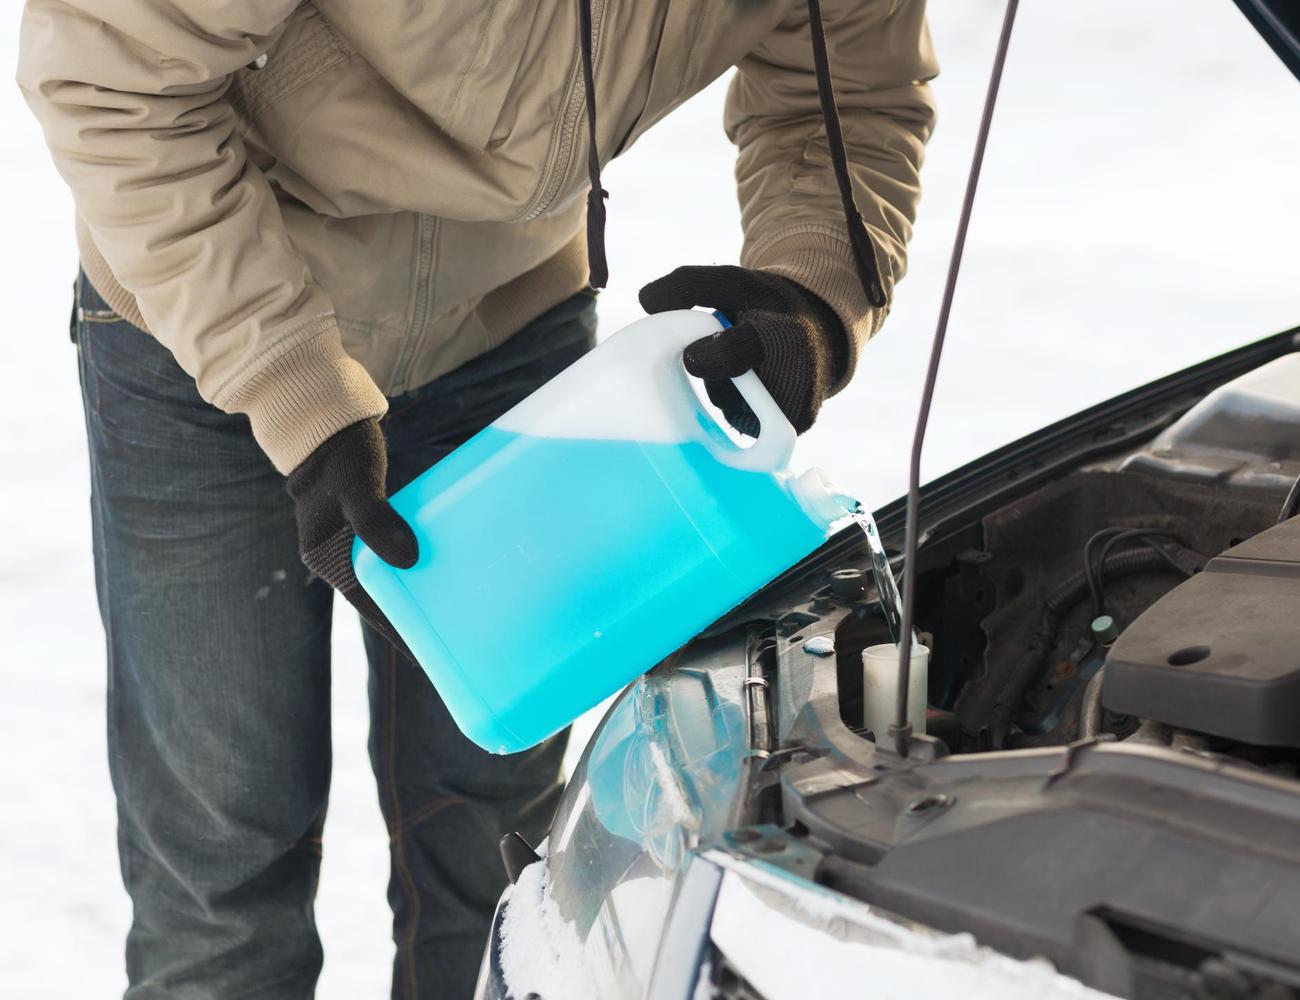 Tél és az autónk: 5 folyadék és amit érdemes tudni róluk!